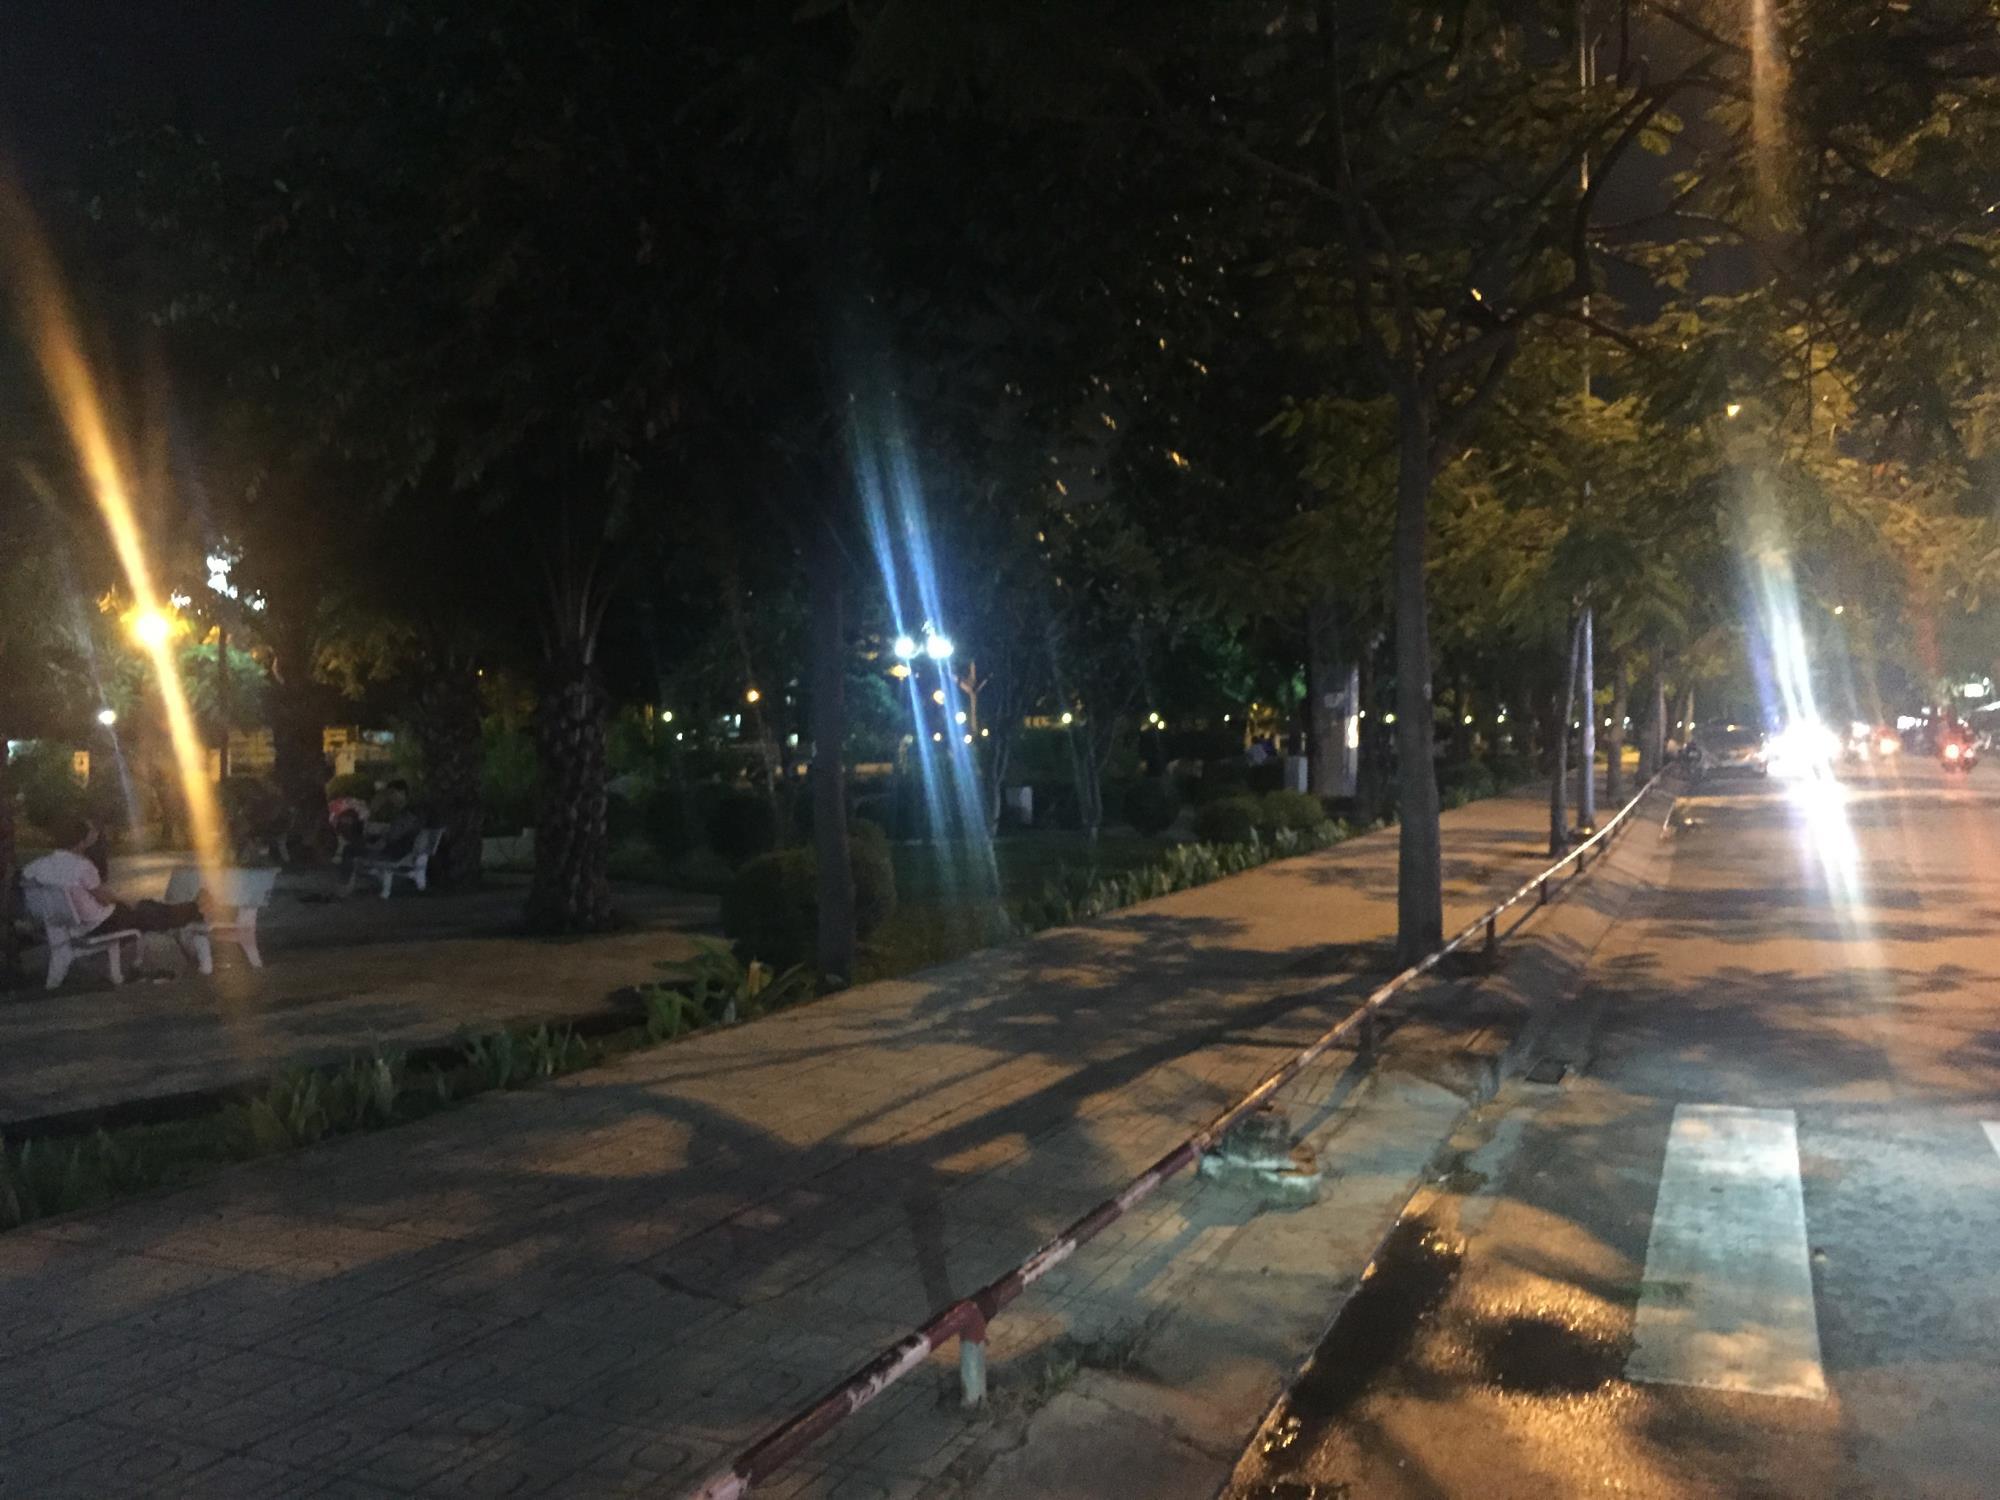 Tấn công đôi nam nữ đang tâm sự trong công viên để cướp tài sản - Ảnh 1